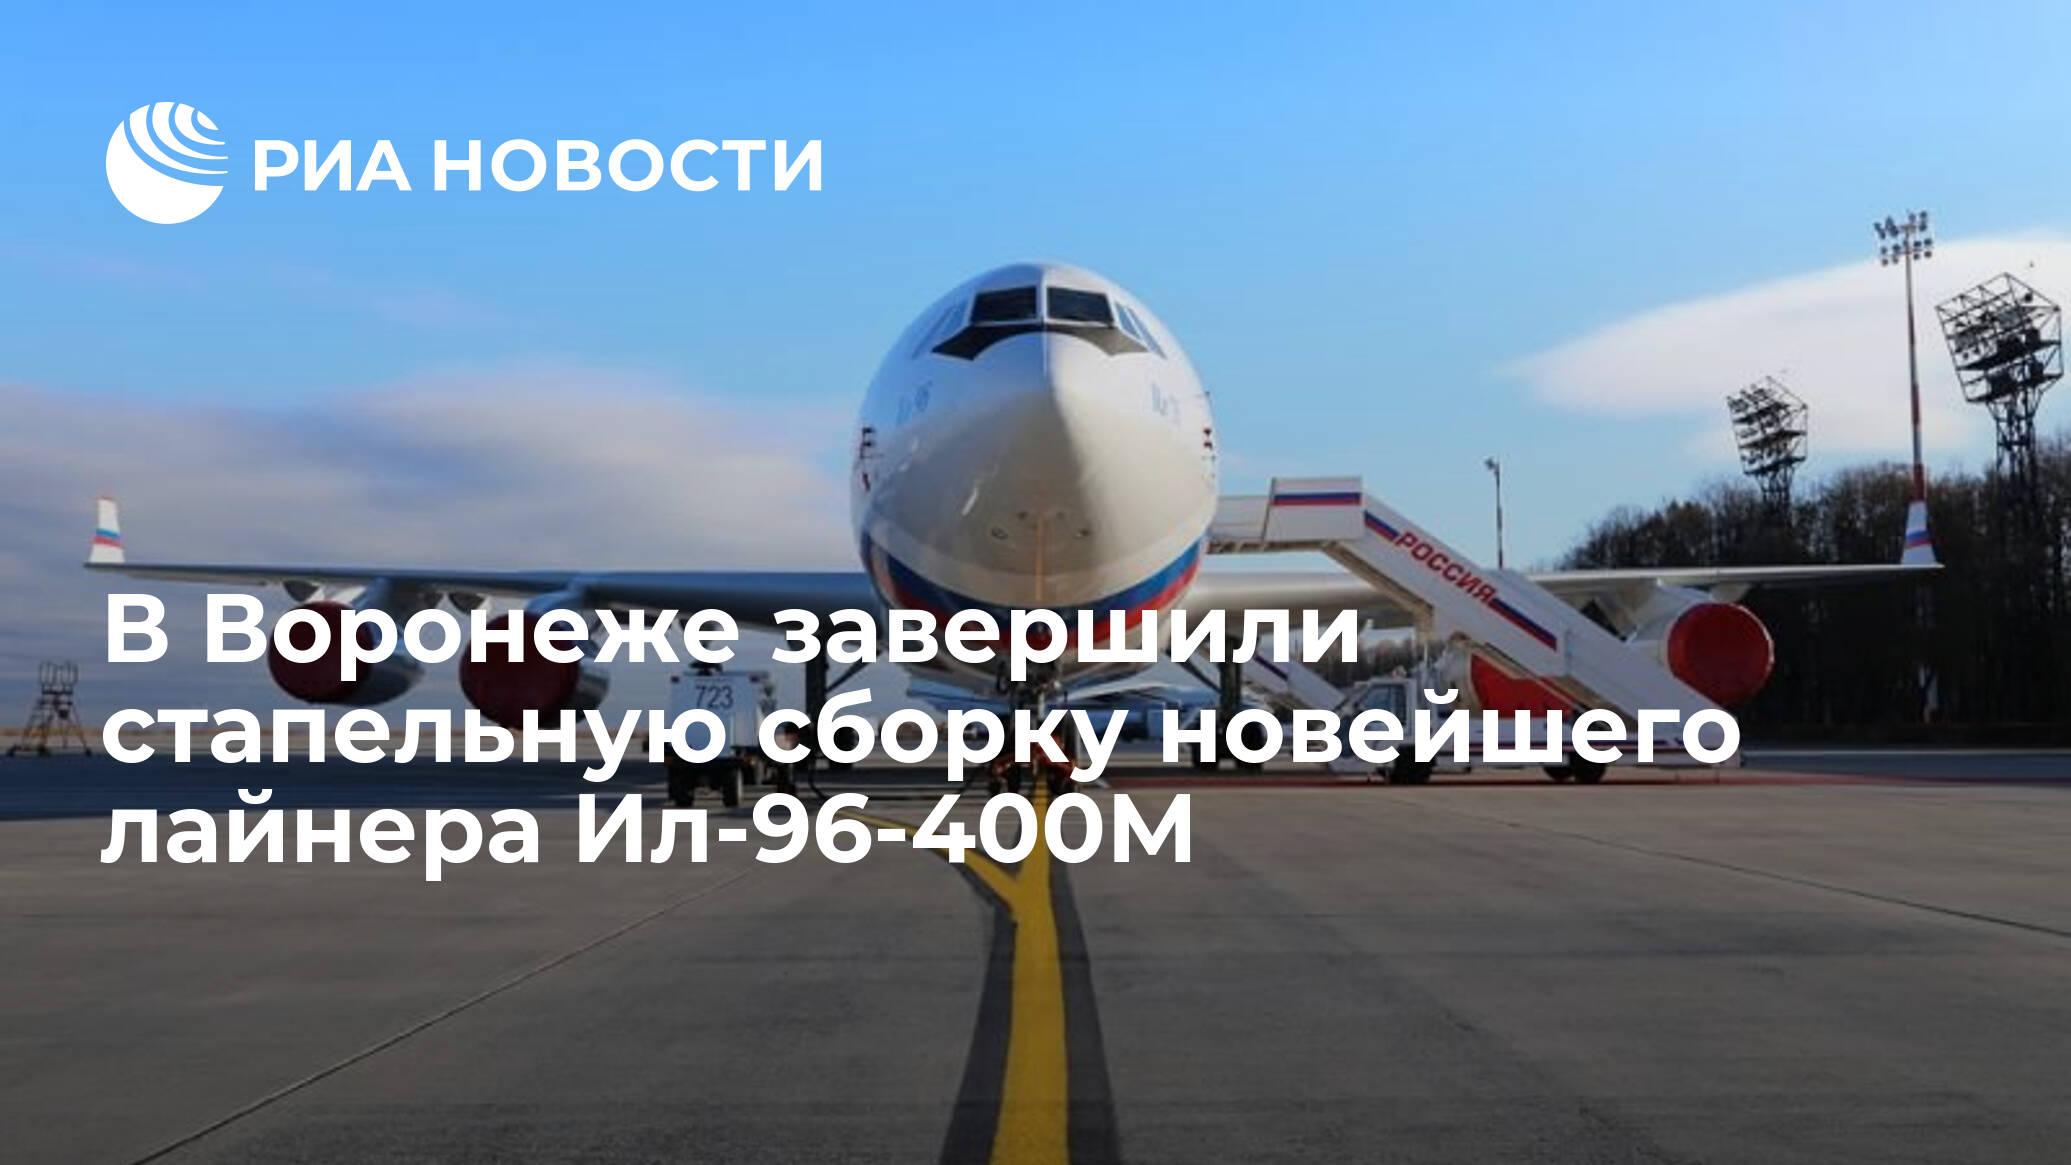 В Воронеже завершили стапельную сборку новейшего лайнера Ил-96-400М